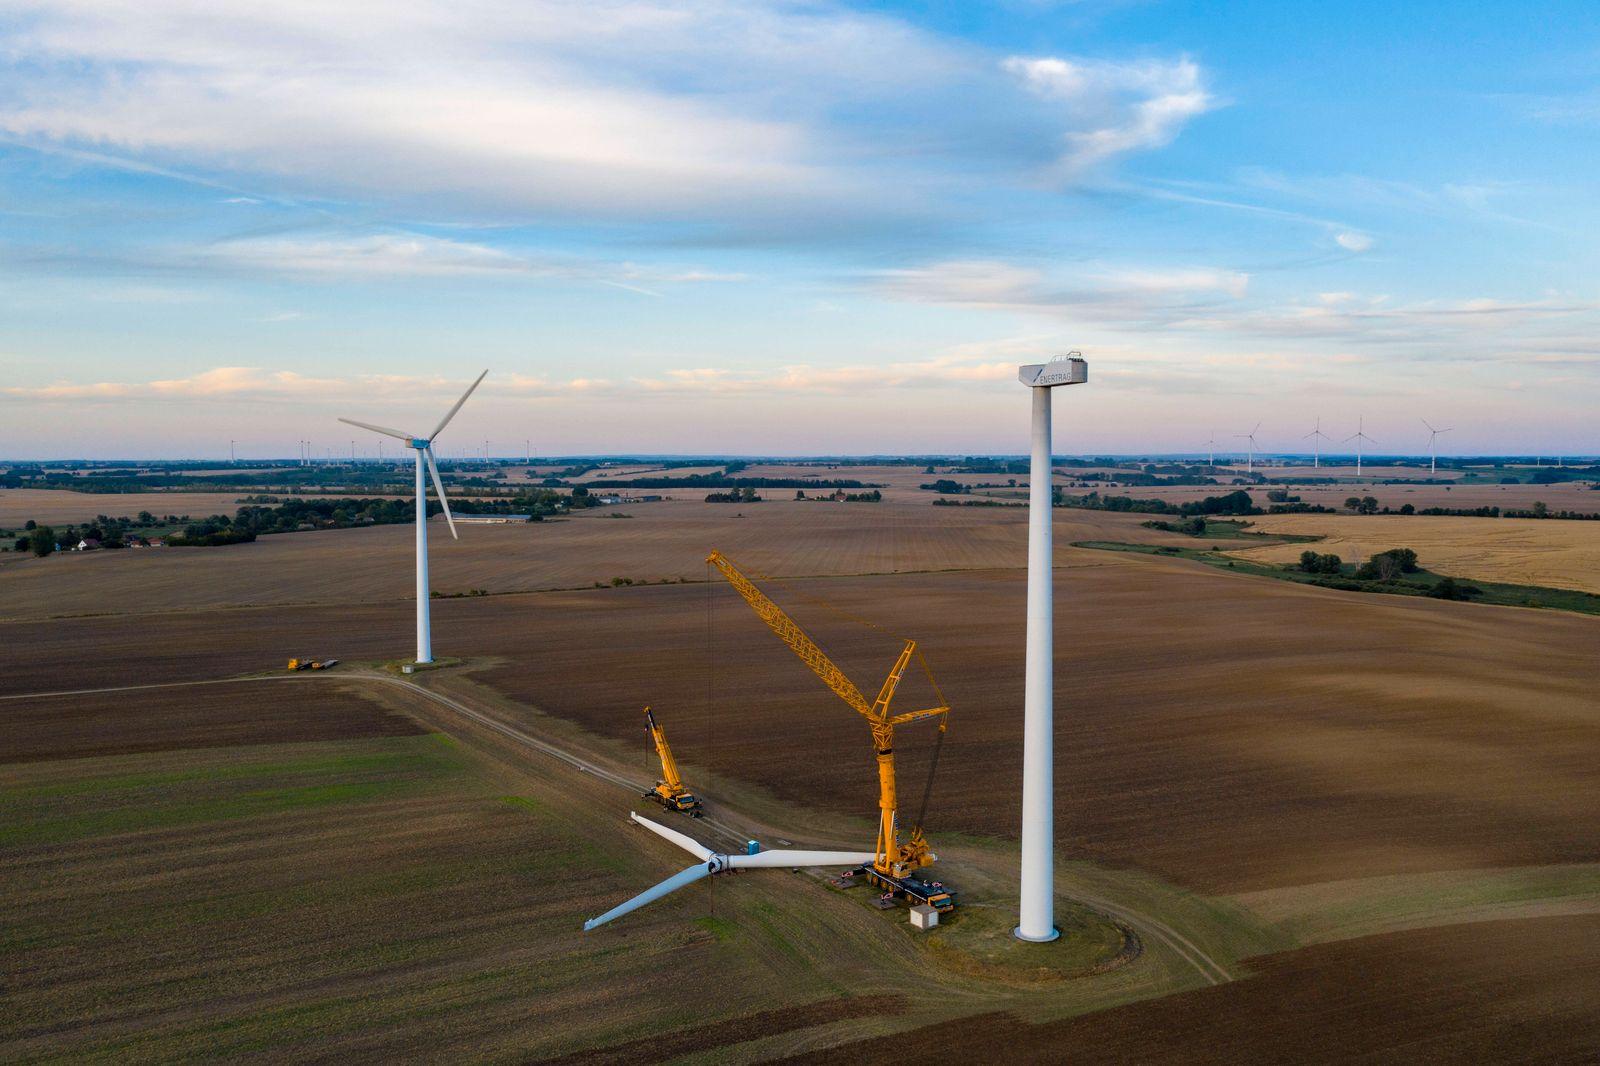 Deutschland, Uckermark, Landschaft mit demontierter Windkraftanlage, 01.08.2020 *** Germany, Uckermark, landscape with d